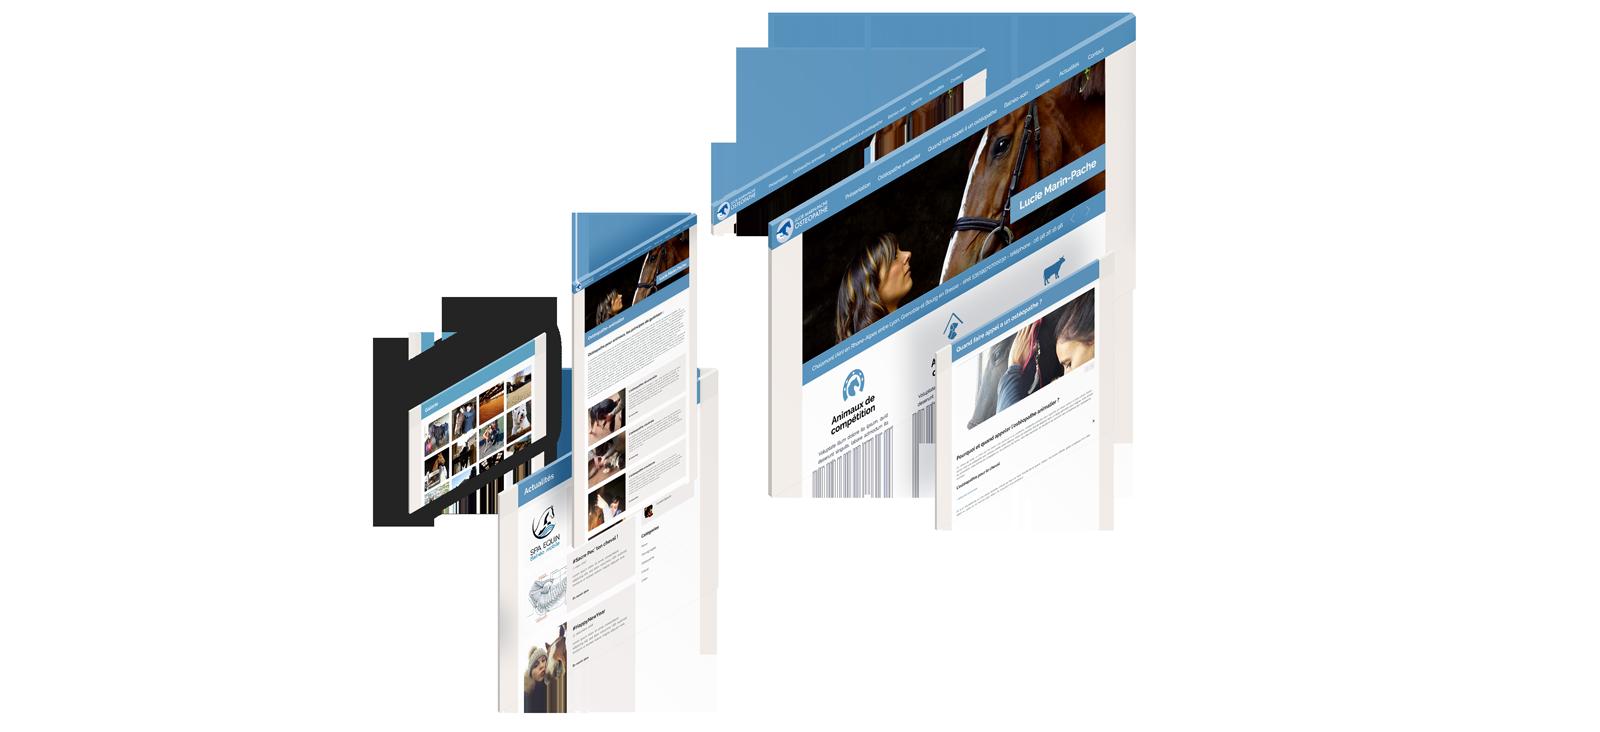 Lucie Marin Pache Un site développé par BobandCo